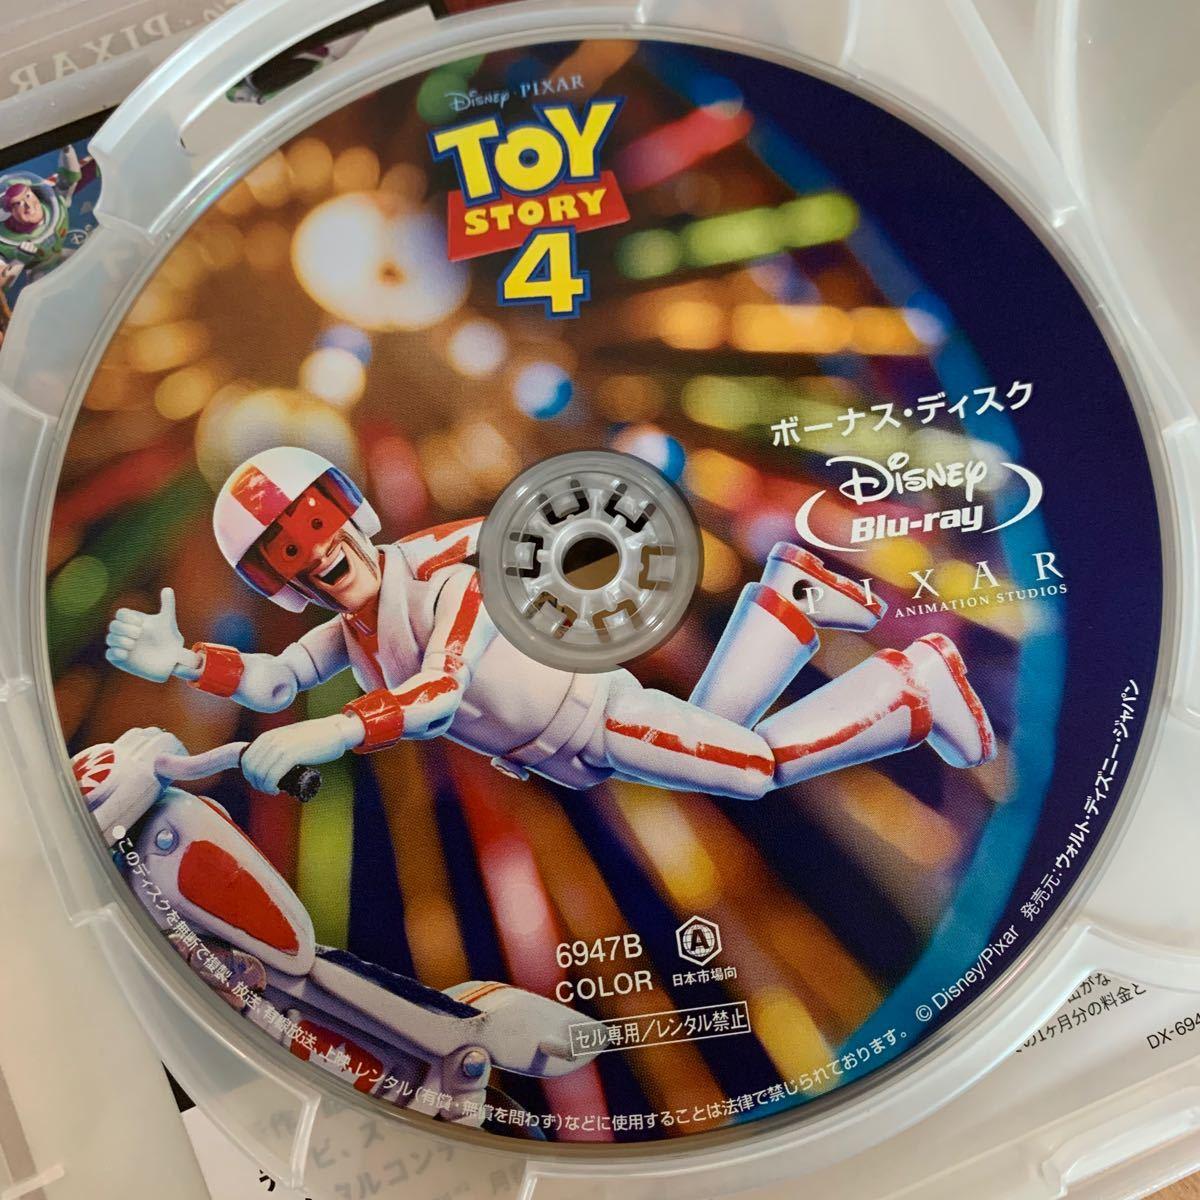 トイ・ストーリー4 ブルーレイ+純正ケース【国内正規版】新品未再生 限定アウターケース付き MovieNEX Blu-ray